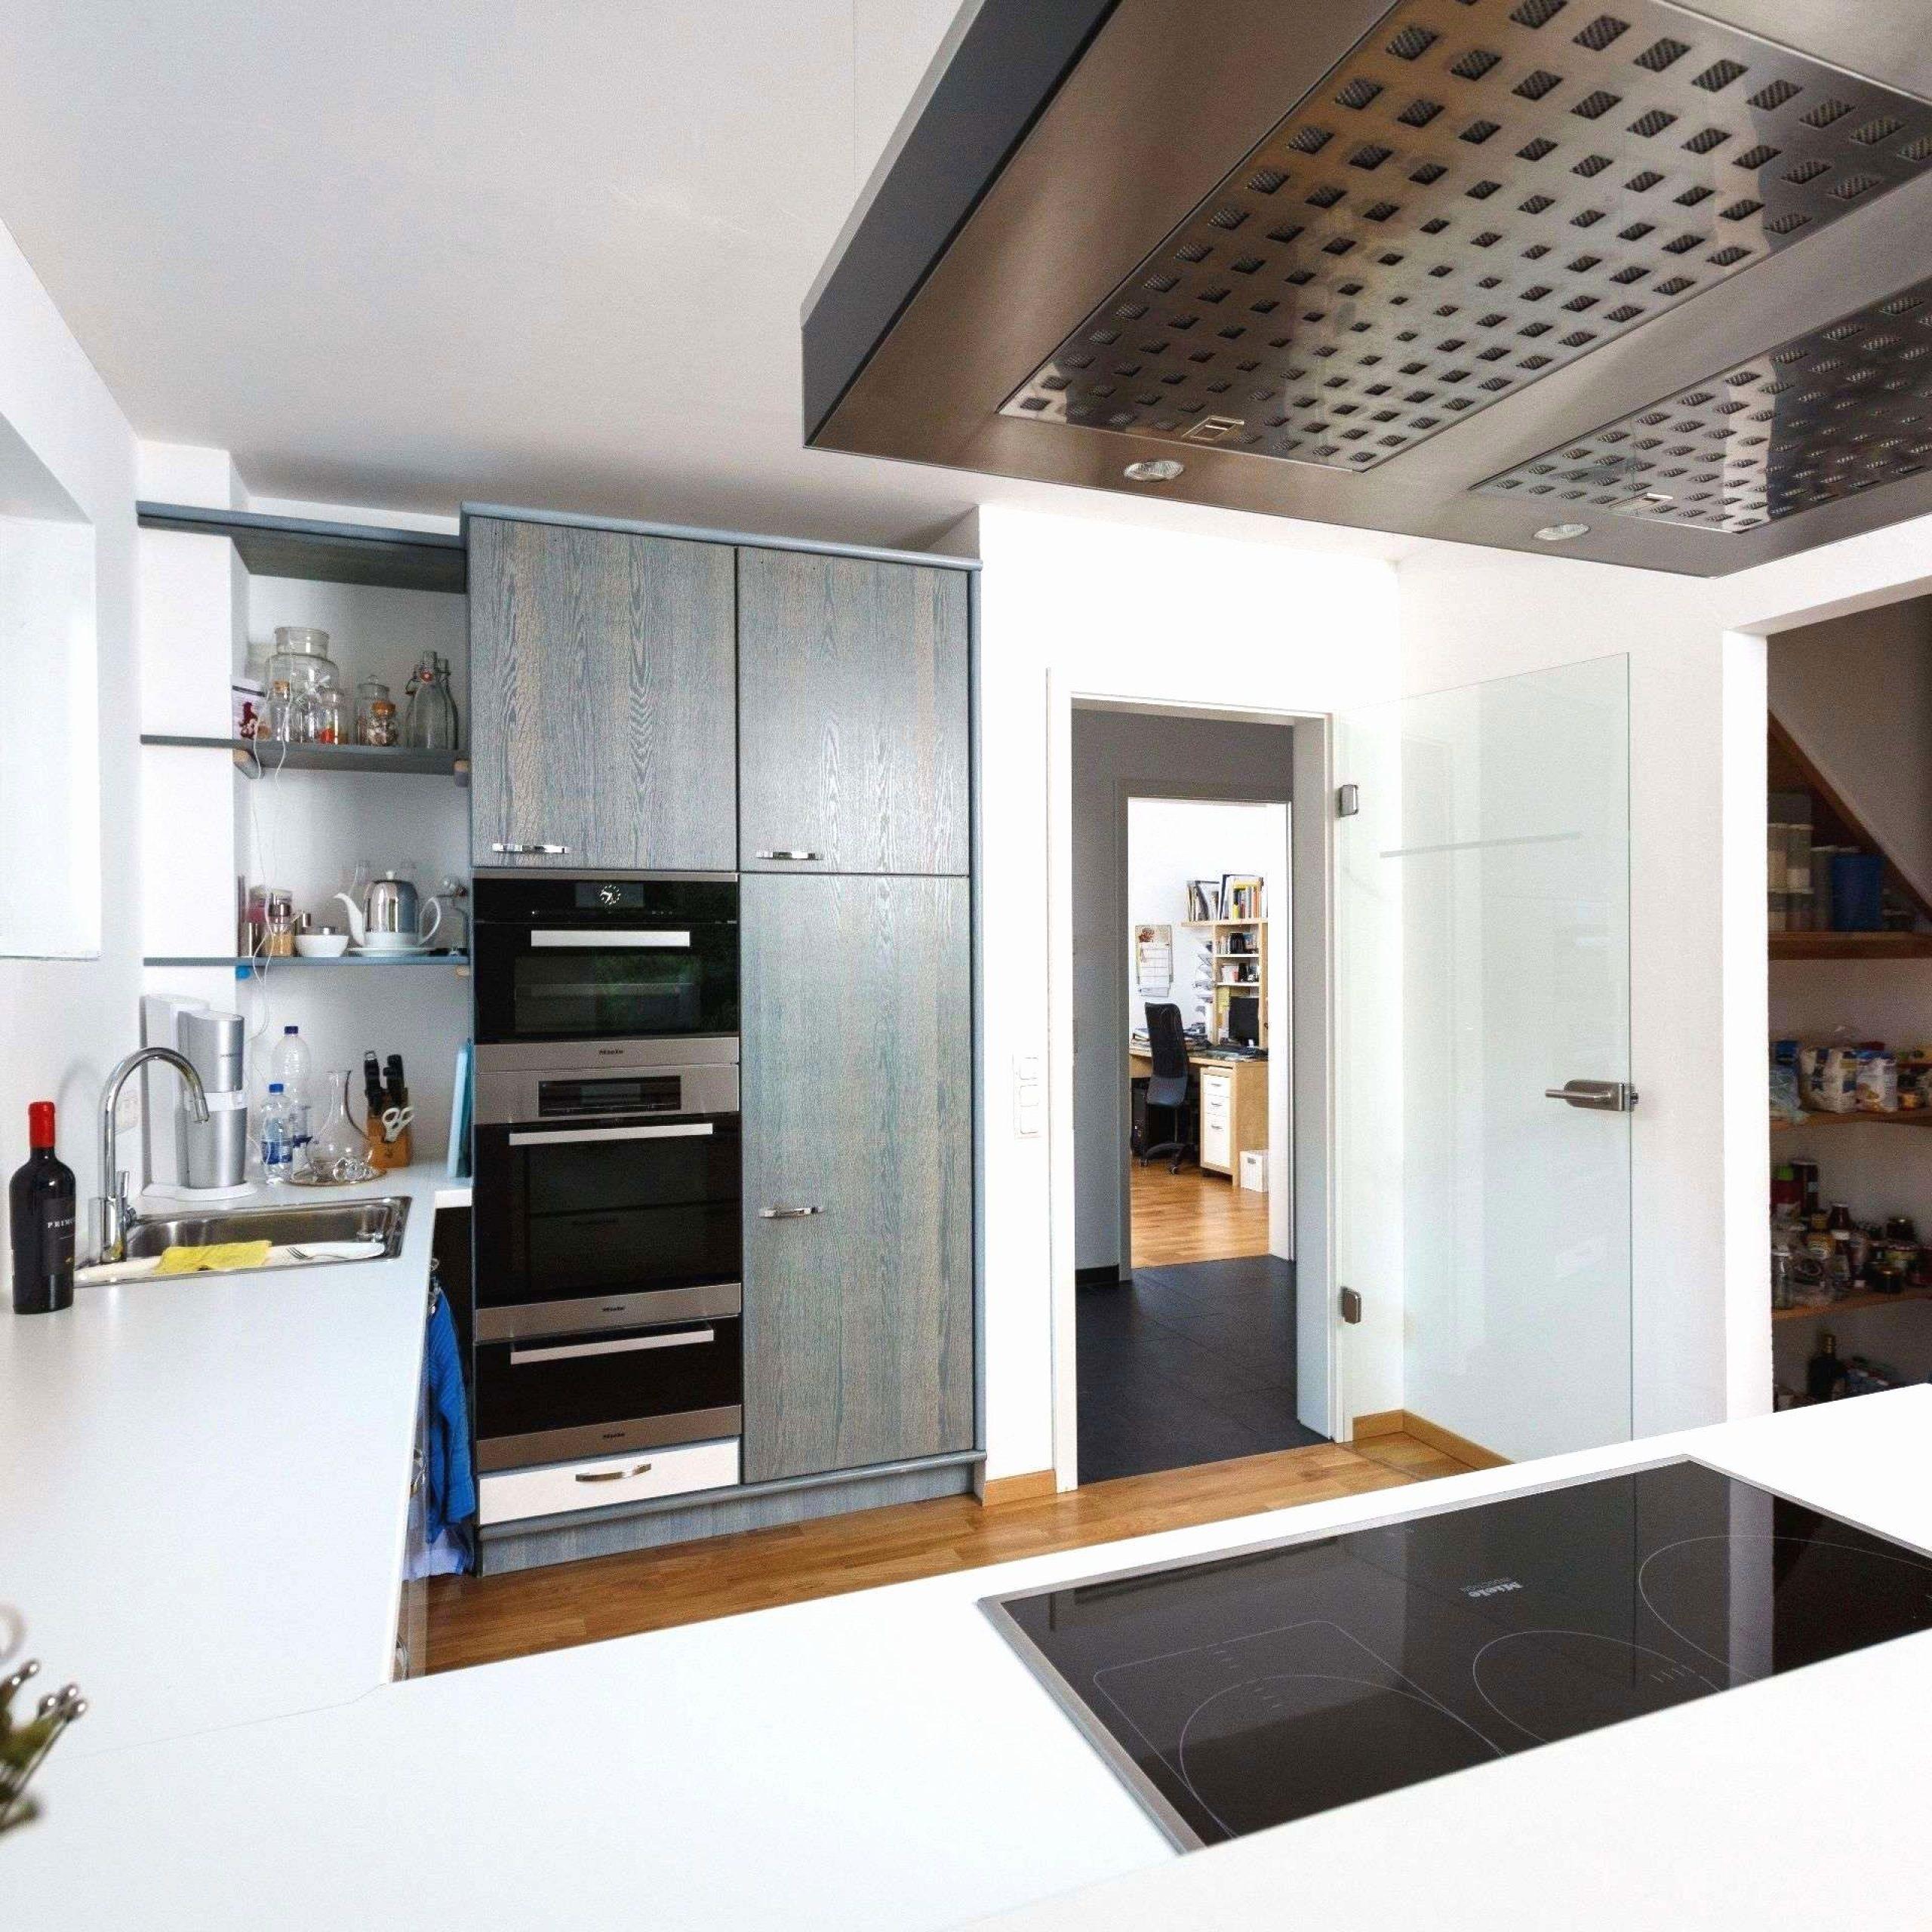 Full Size of Küchenmöbel 21 Einzigartig Kchenmbel Einzeln Zusammenstellen Stock Wohnzimmer Küchenmöbel